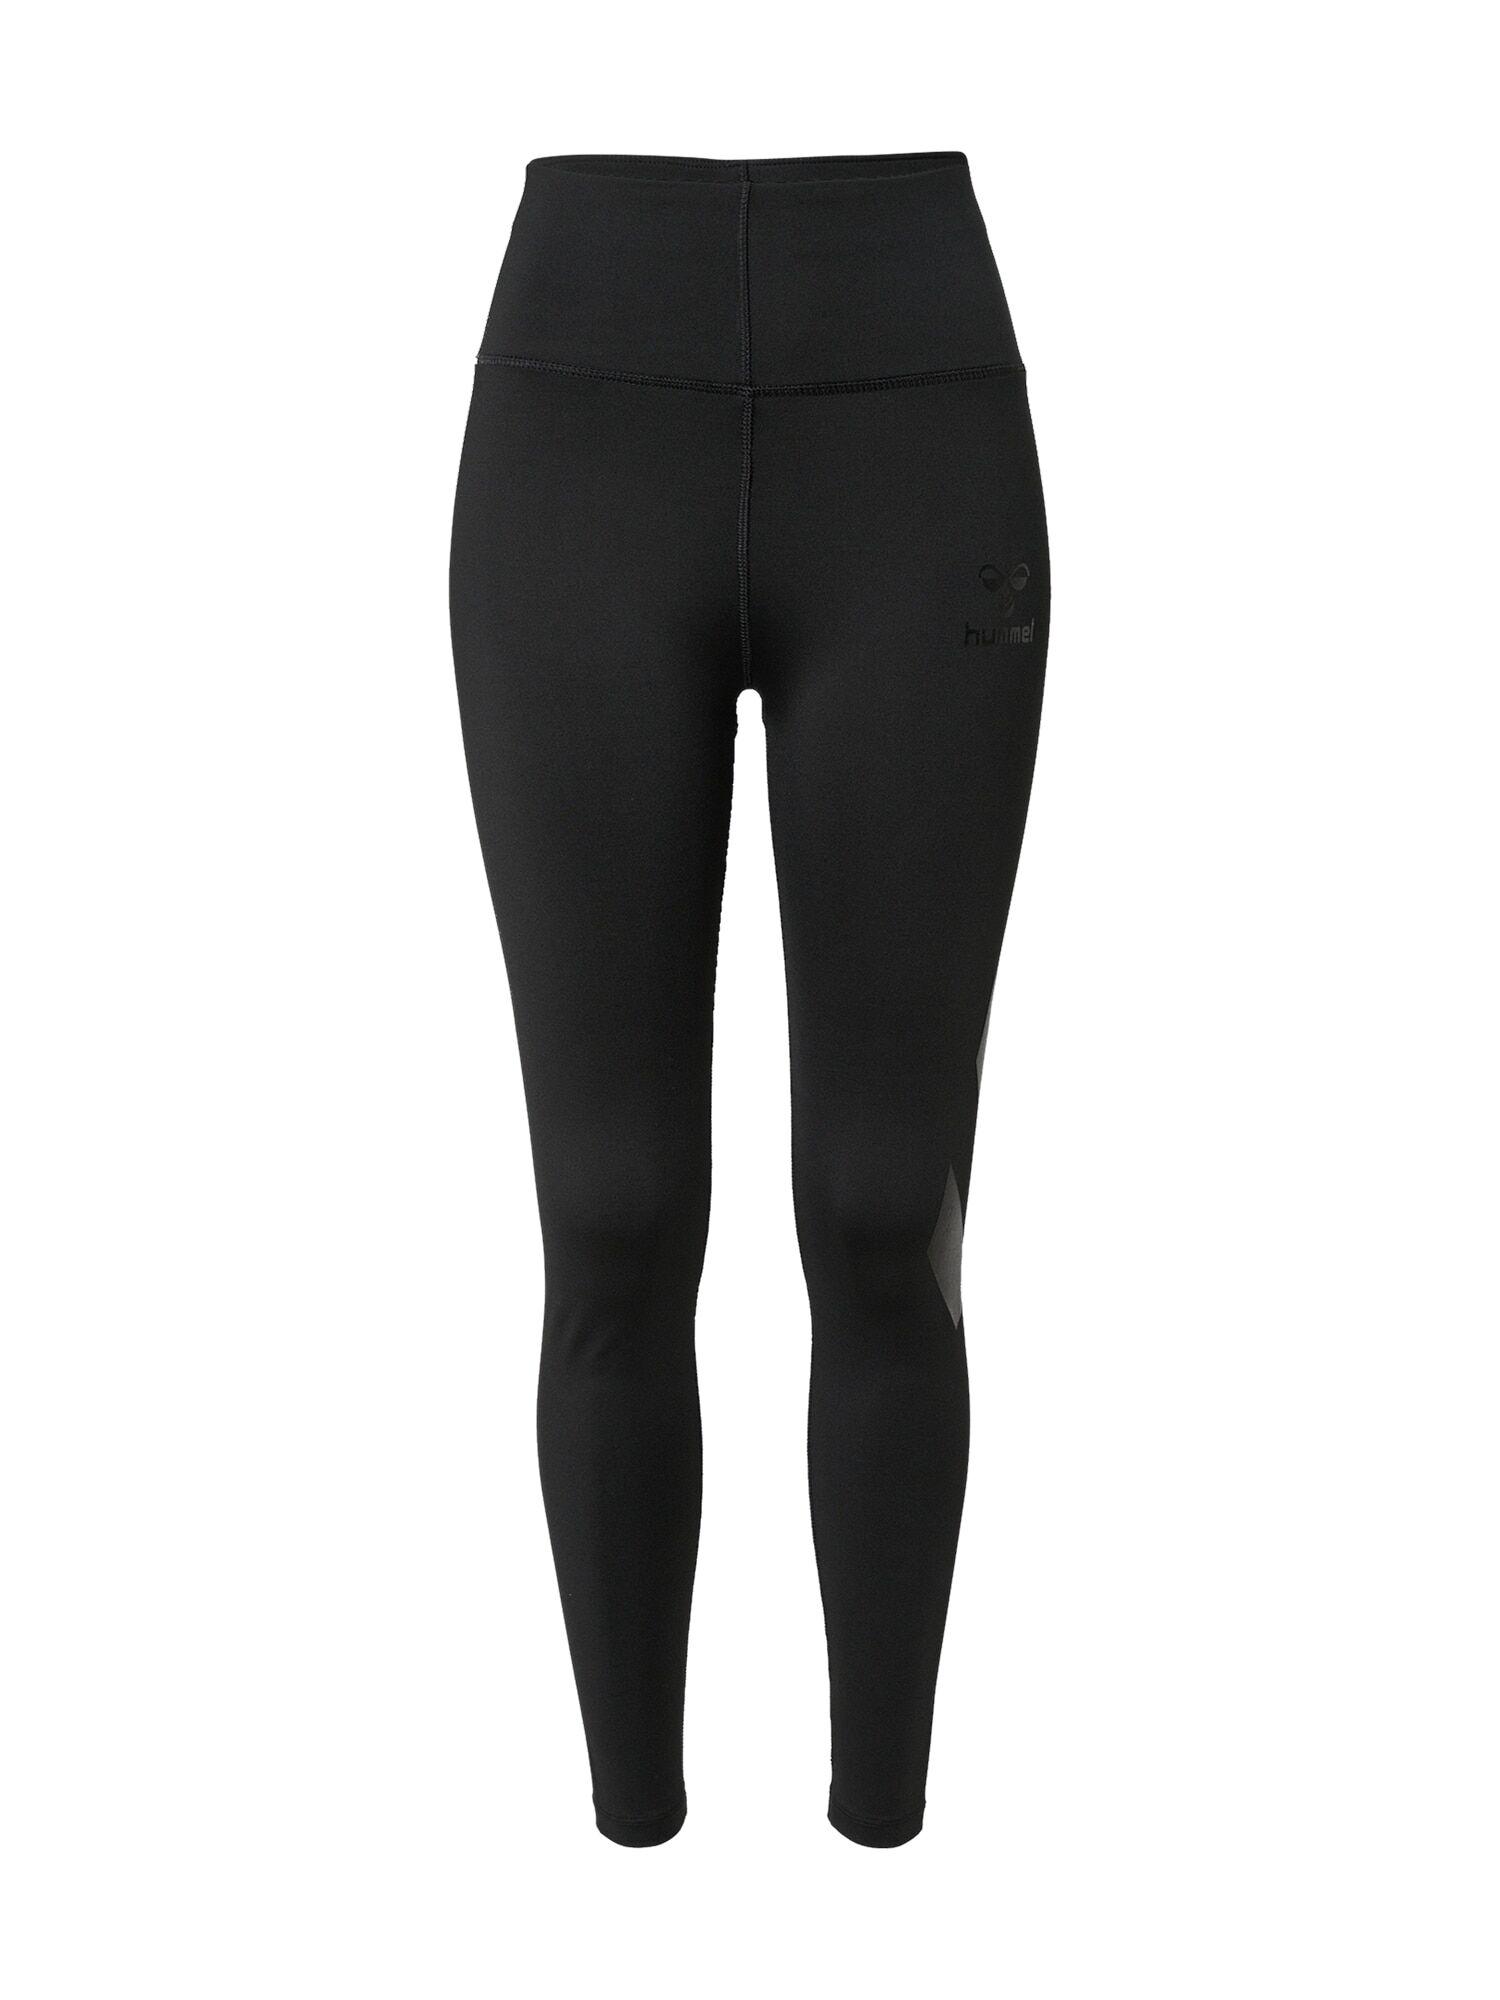 Hummel Pantalon de sport 'Paris'  - Noir - Taille: M - female